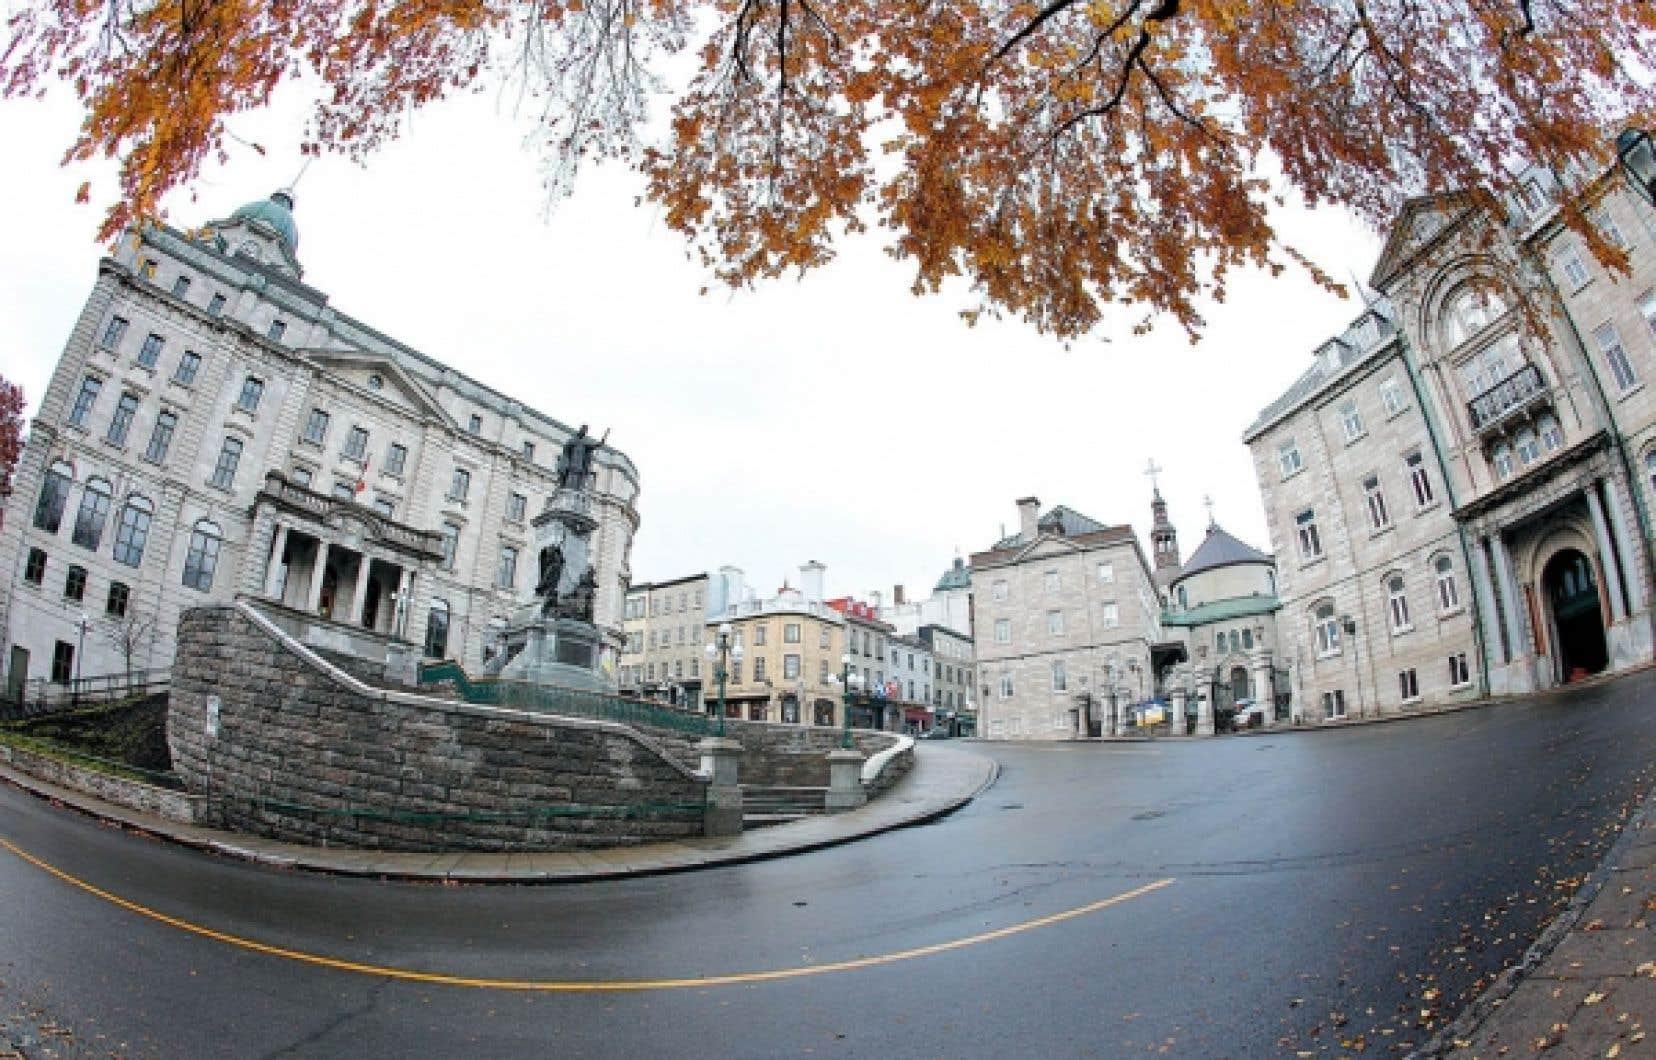 L'arrondissement historique du Vieux-Québec est un périmètre inscrit sur la liste du patrimoine de l'humanité de l'UNESCO.